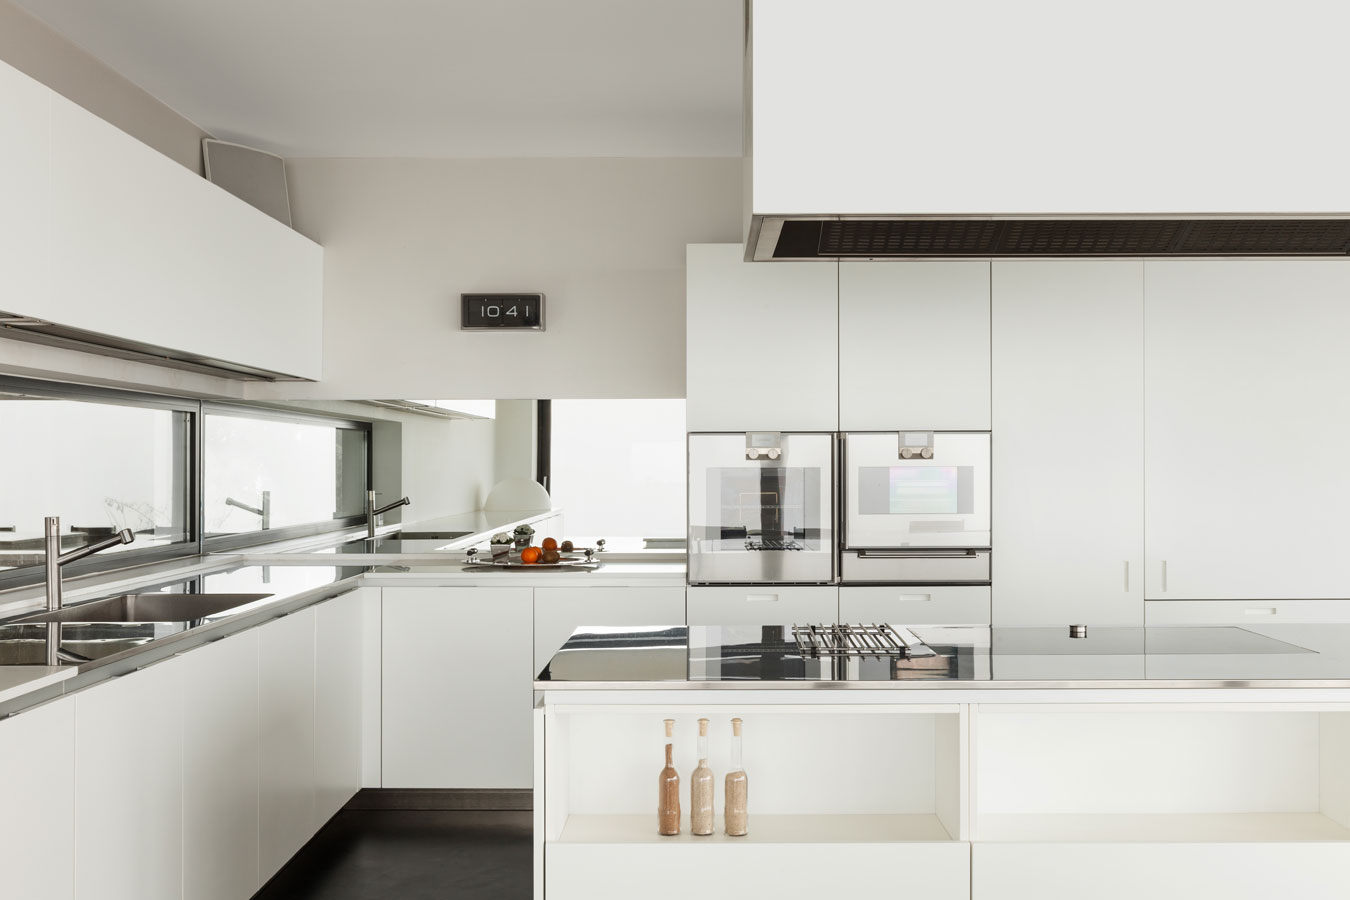 Keuken Pimpen Voor En Na : Keuken idee?n – Tips keukens ontwerpen & Inspiratie foto's